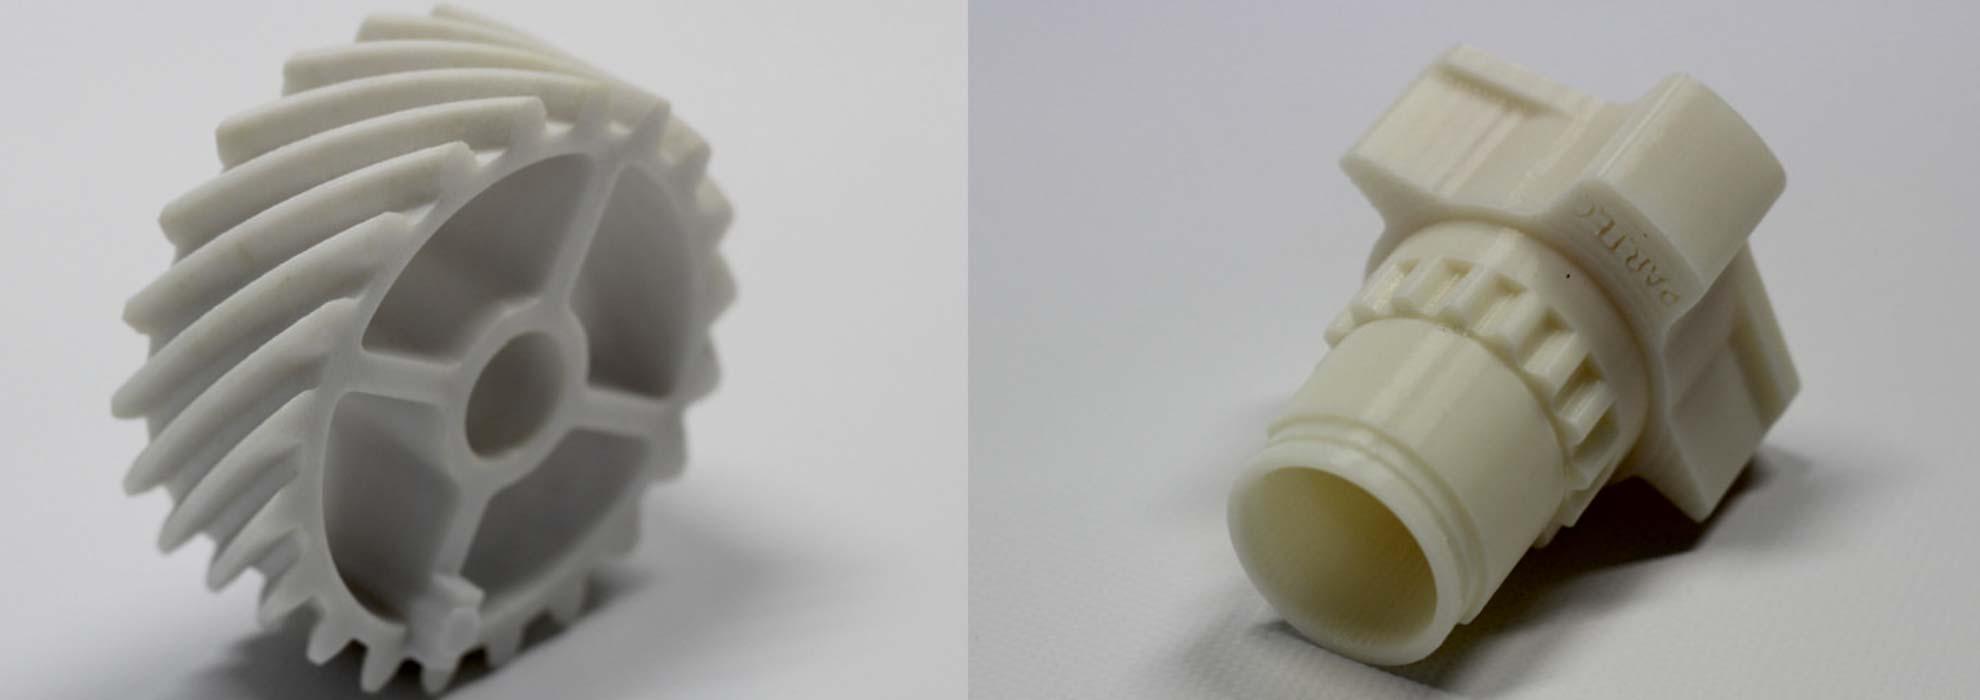 Шестеренки из белого пластика